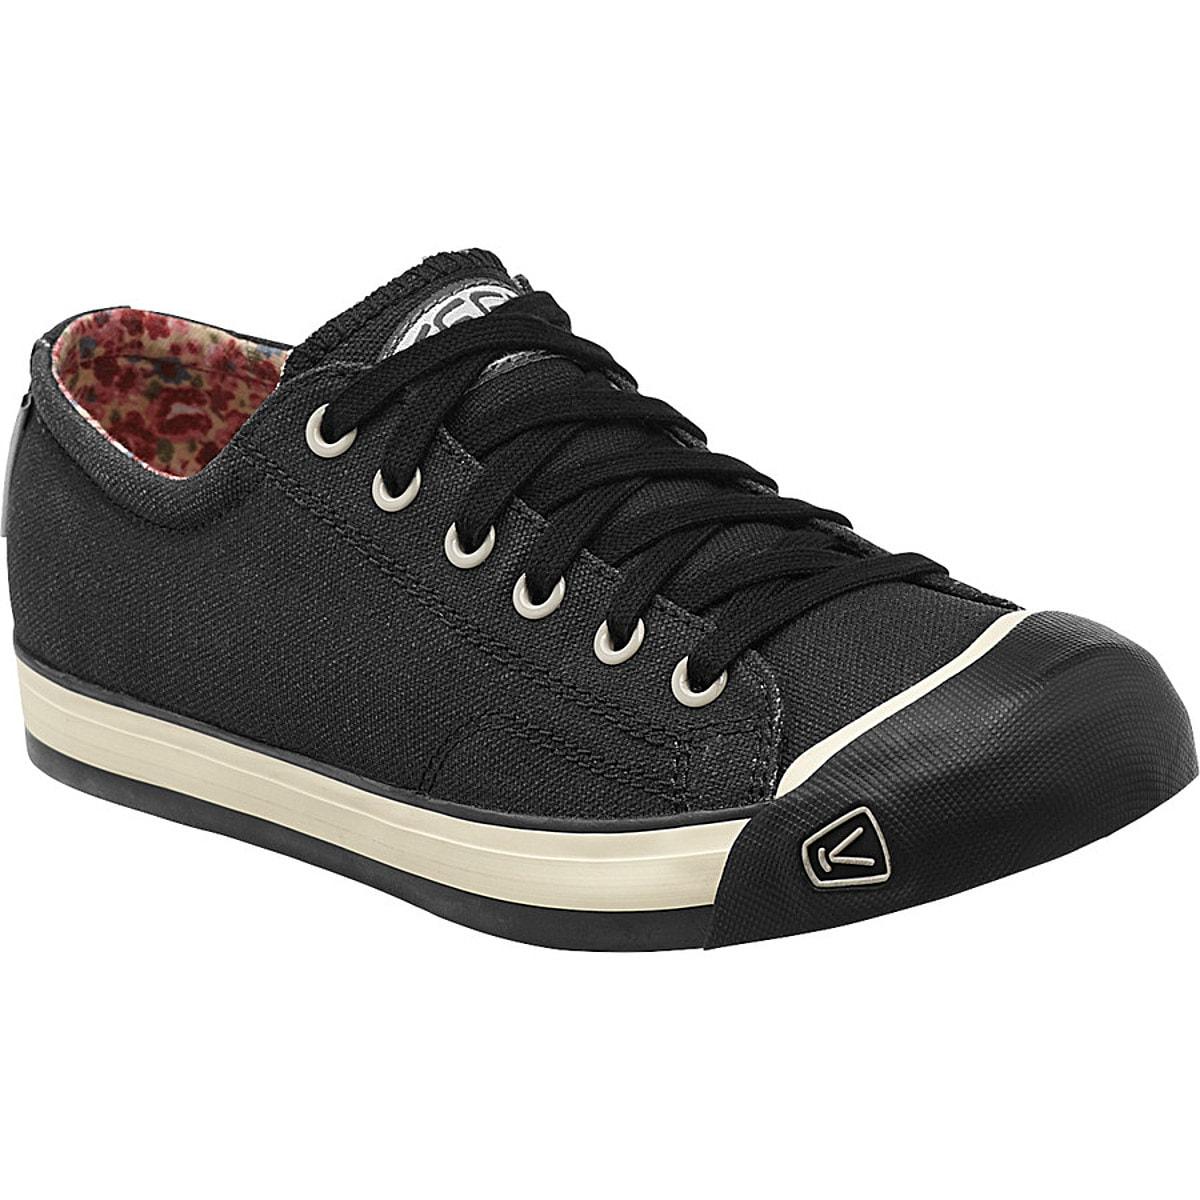 Keen Coronado Outdoor Sandals